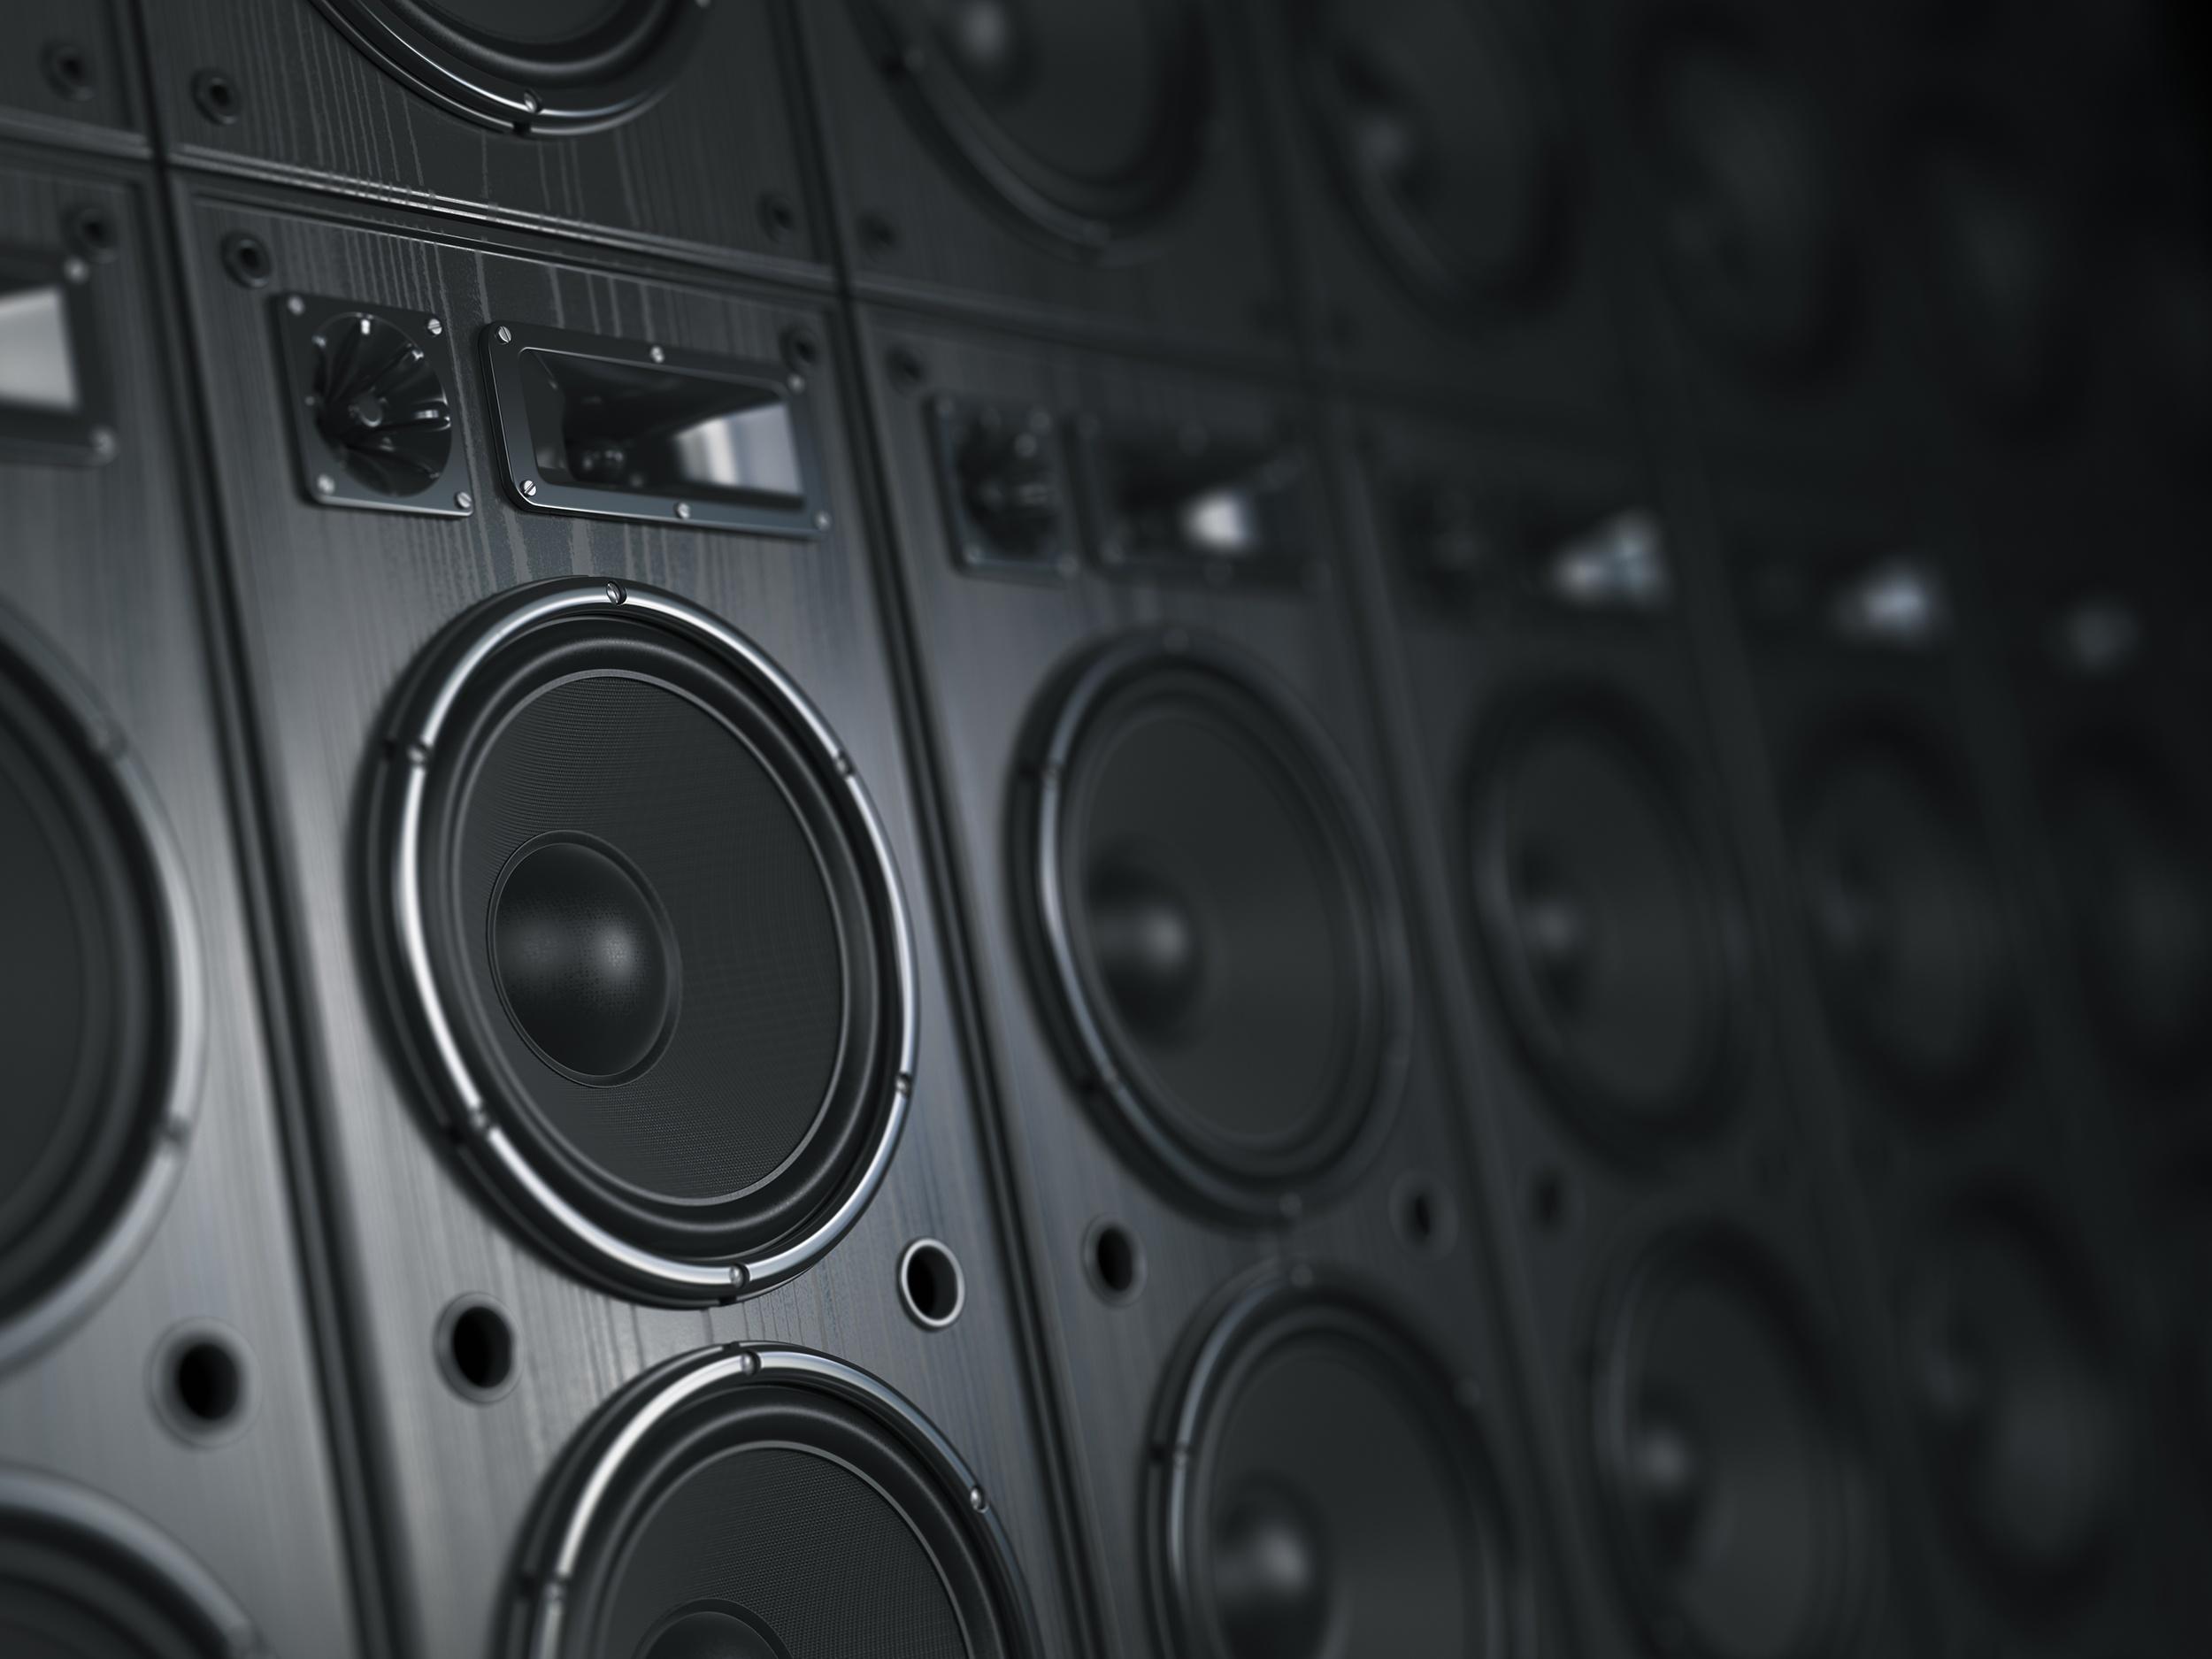 multimedia-acoustic-sound-speaker-system-music-QCVDENL.jpg